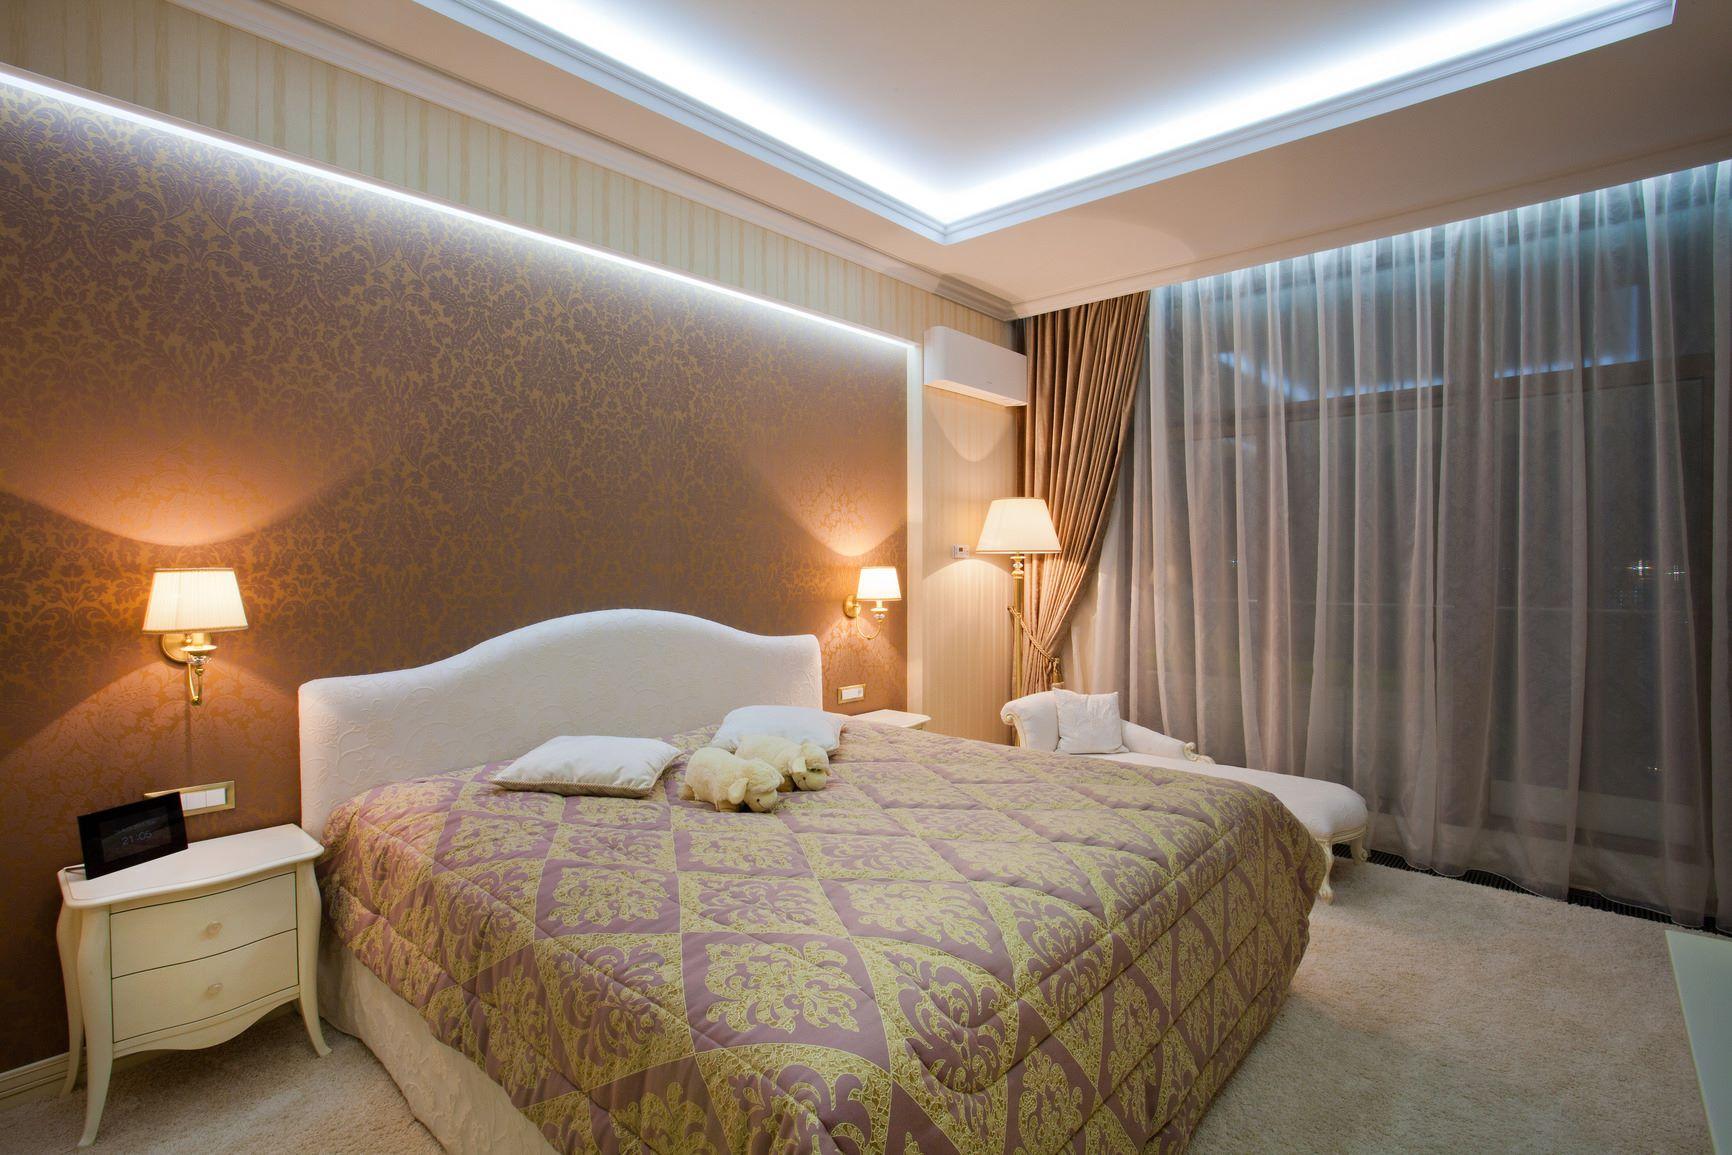 Дизайн фото потолков в спальне